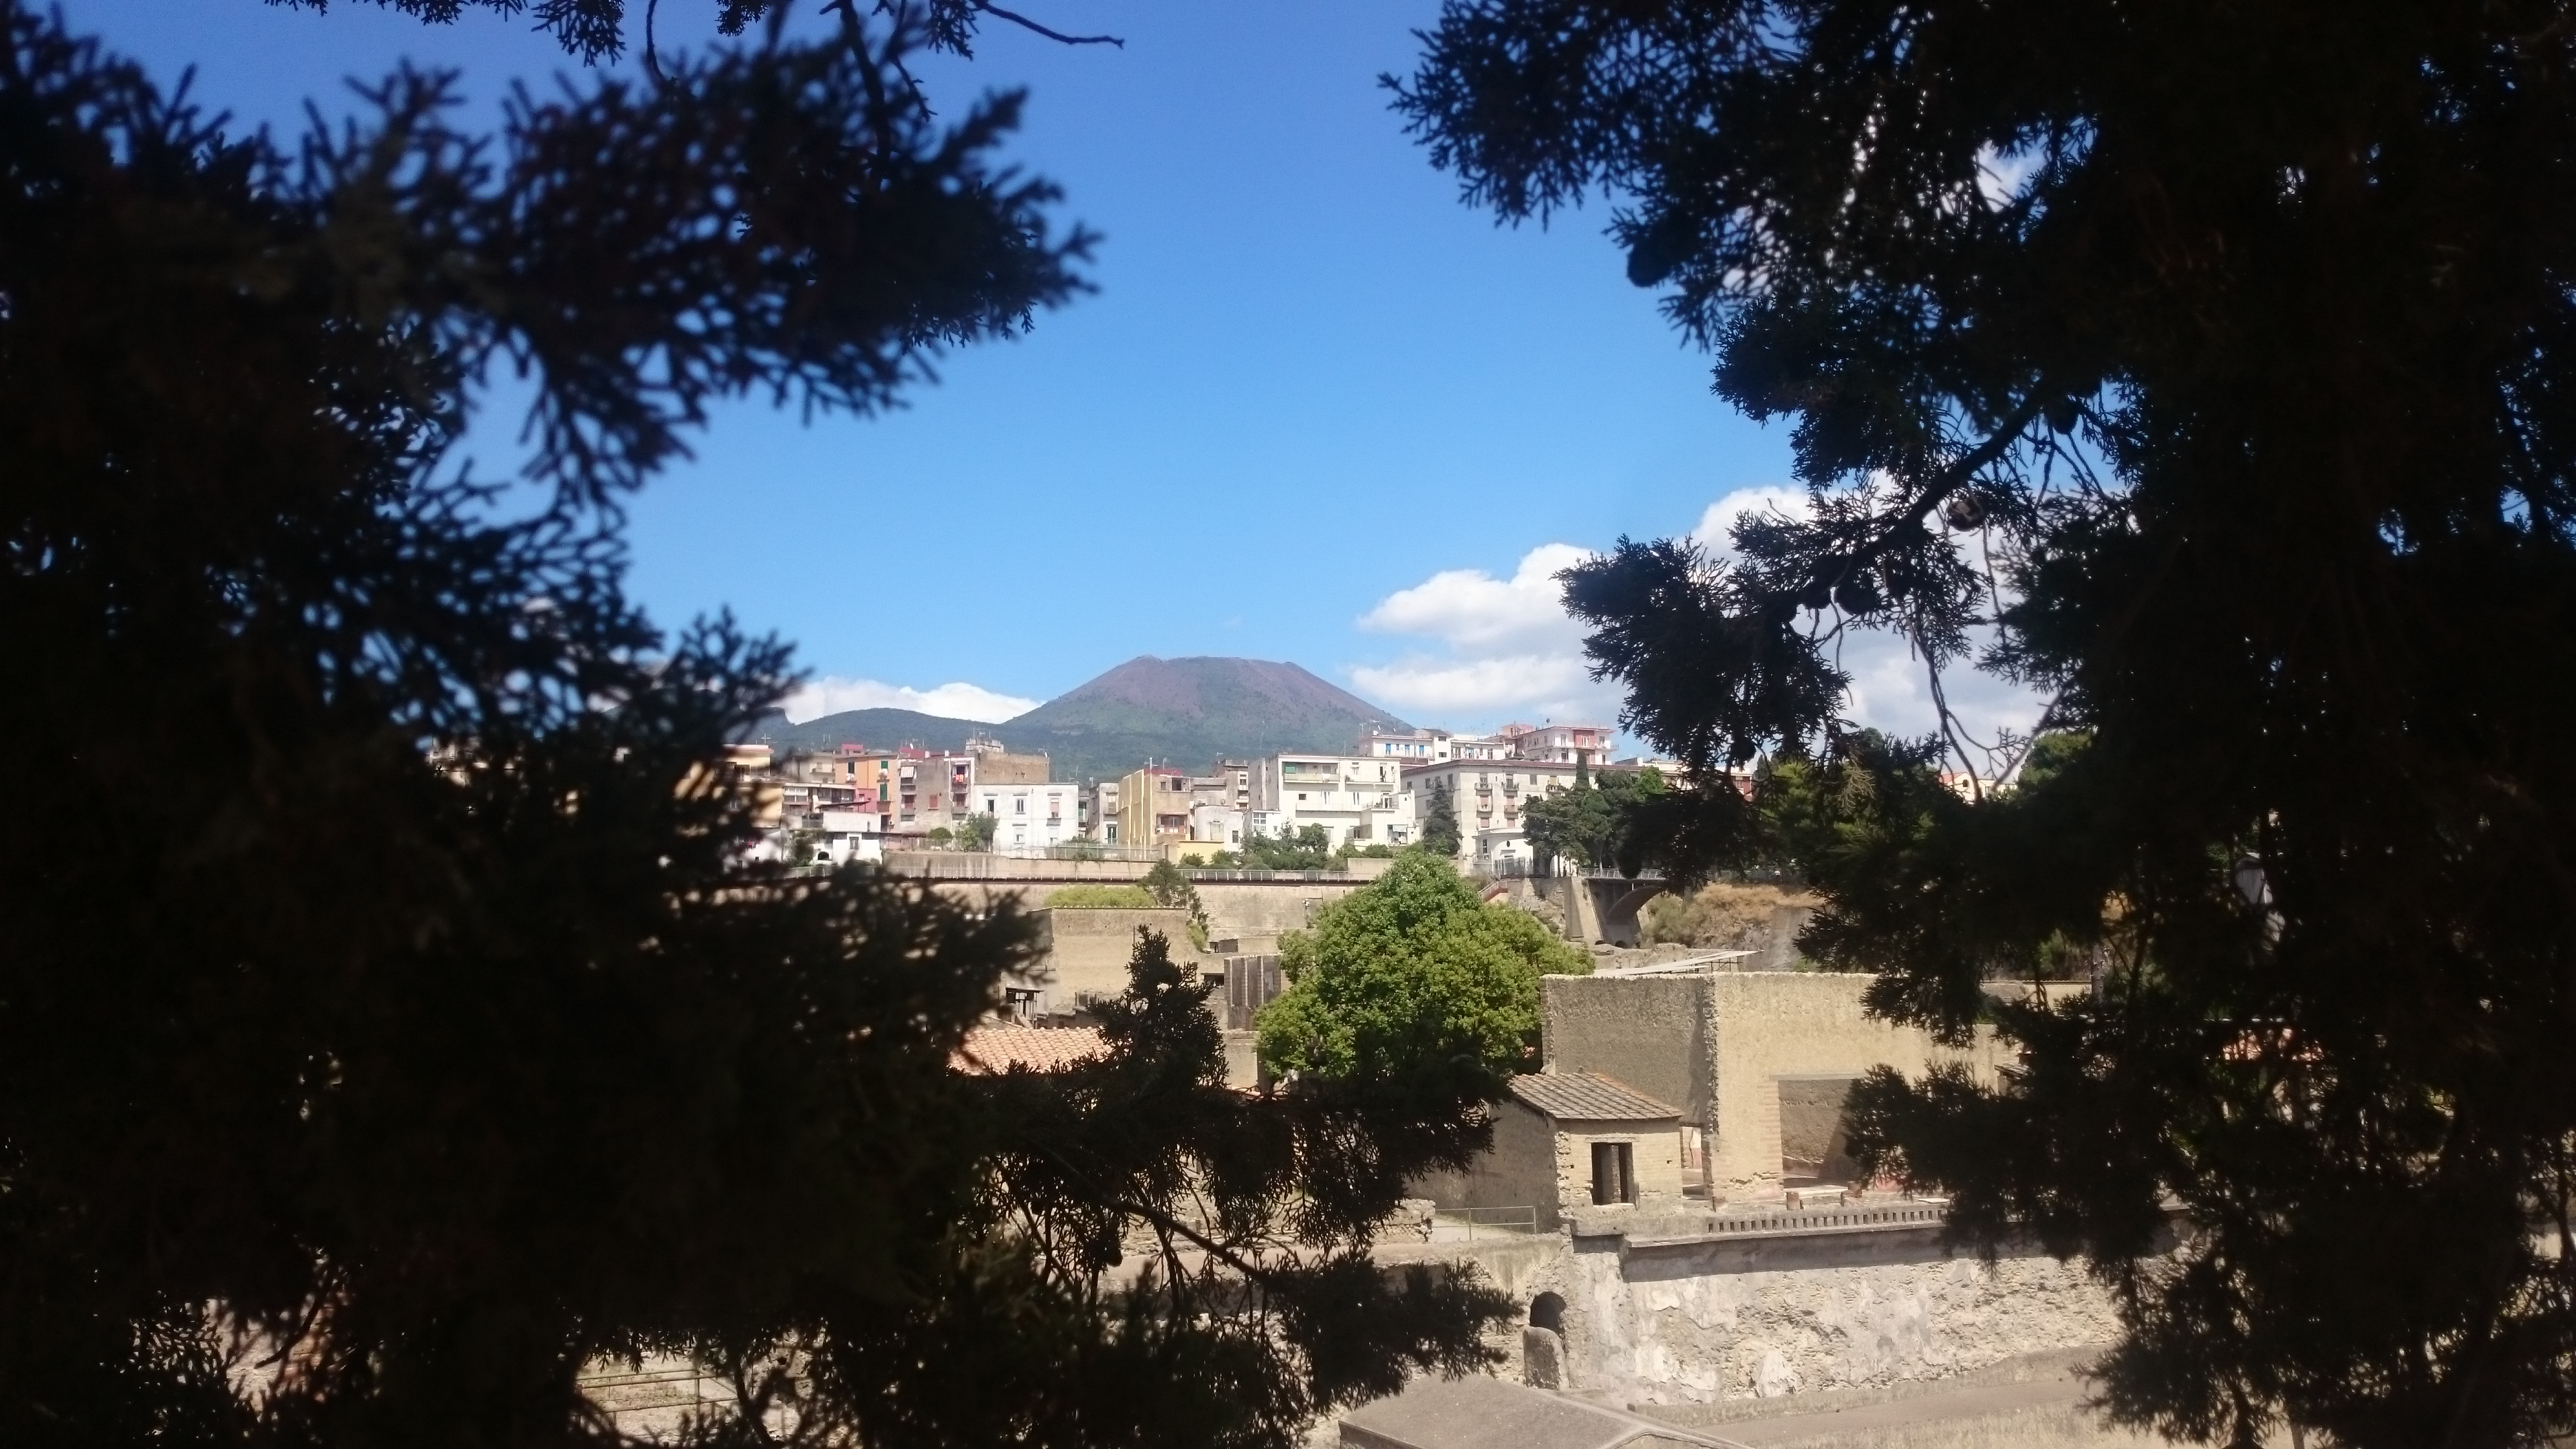 Blick auf den Vesuv von Herculaneum